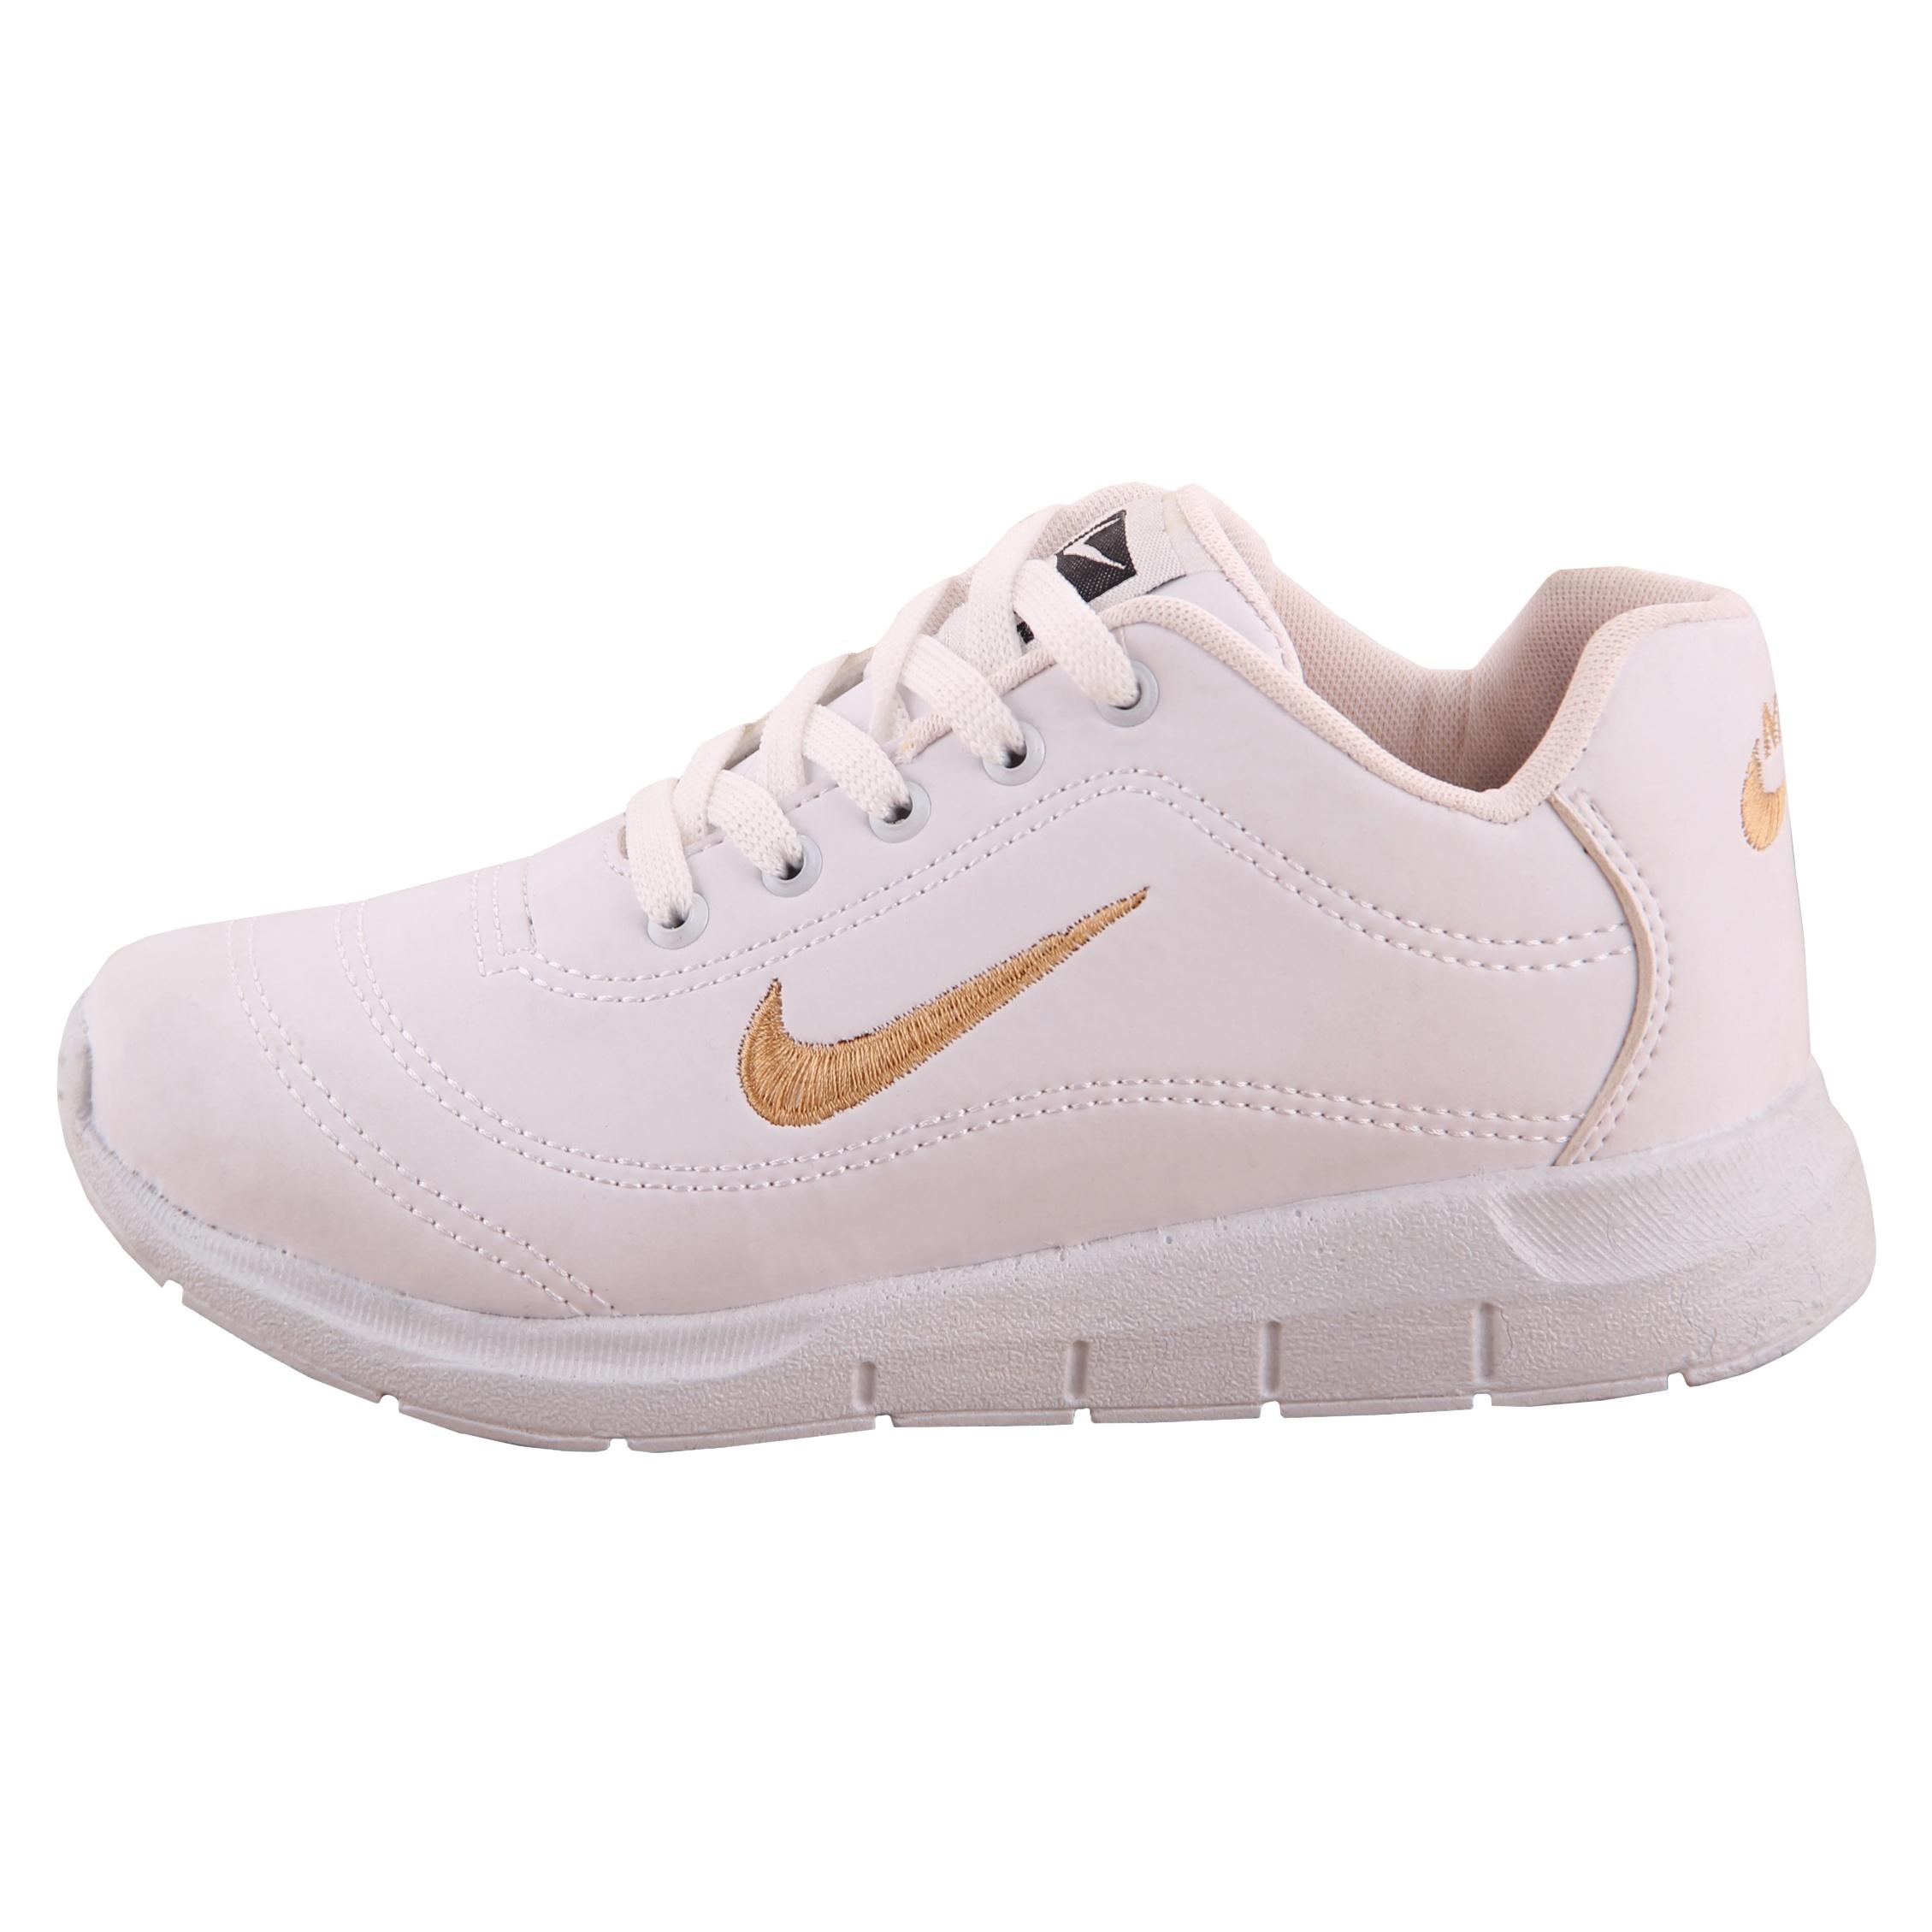 کفش مخصوص پیاده روی زنانه کد 4-39790